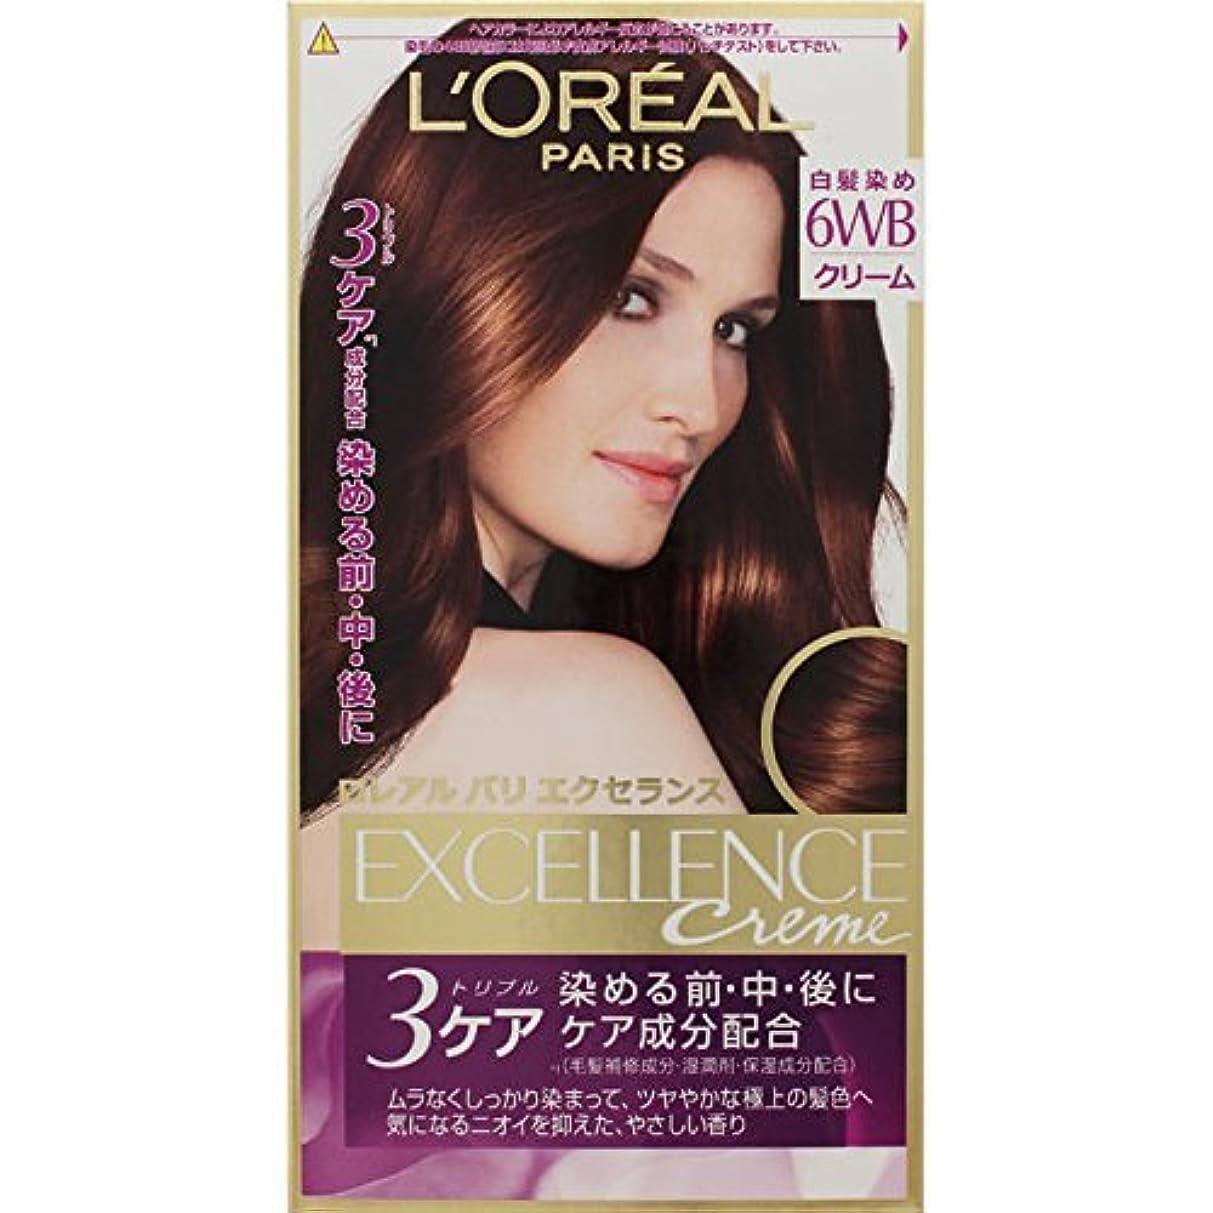 ラフレシアアルノルディ扇動するジャケットロレアル パリ ヘアカラー 白髪染め エクセランス N クリームタイプ 6WB ウォーム系のやや明るい栗色